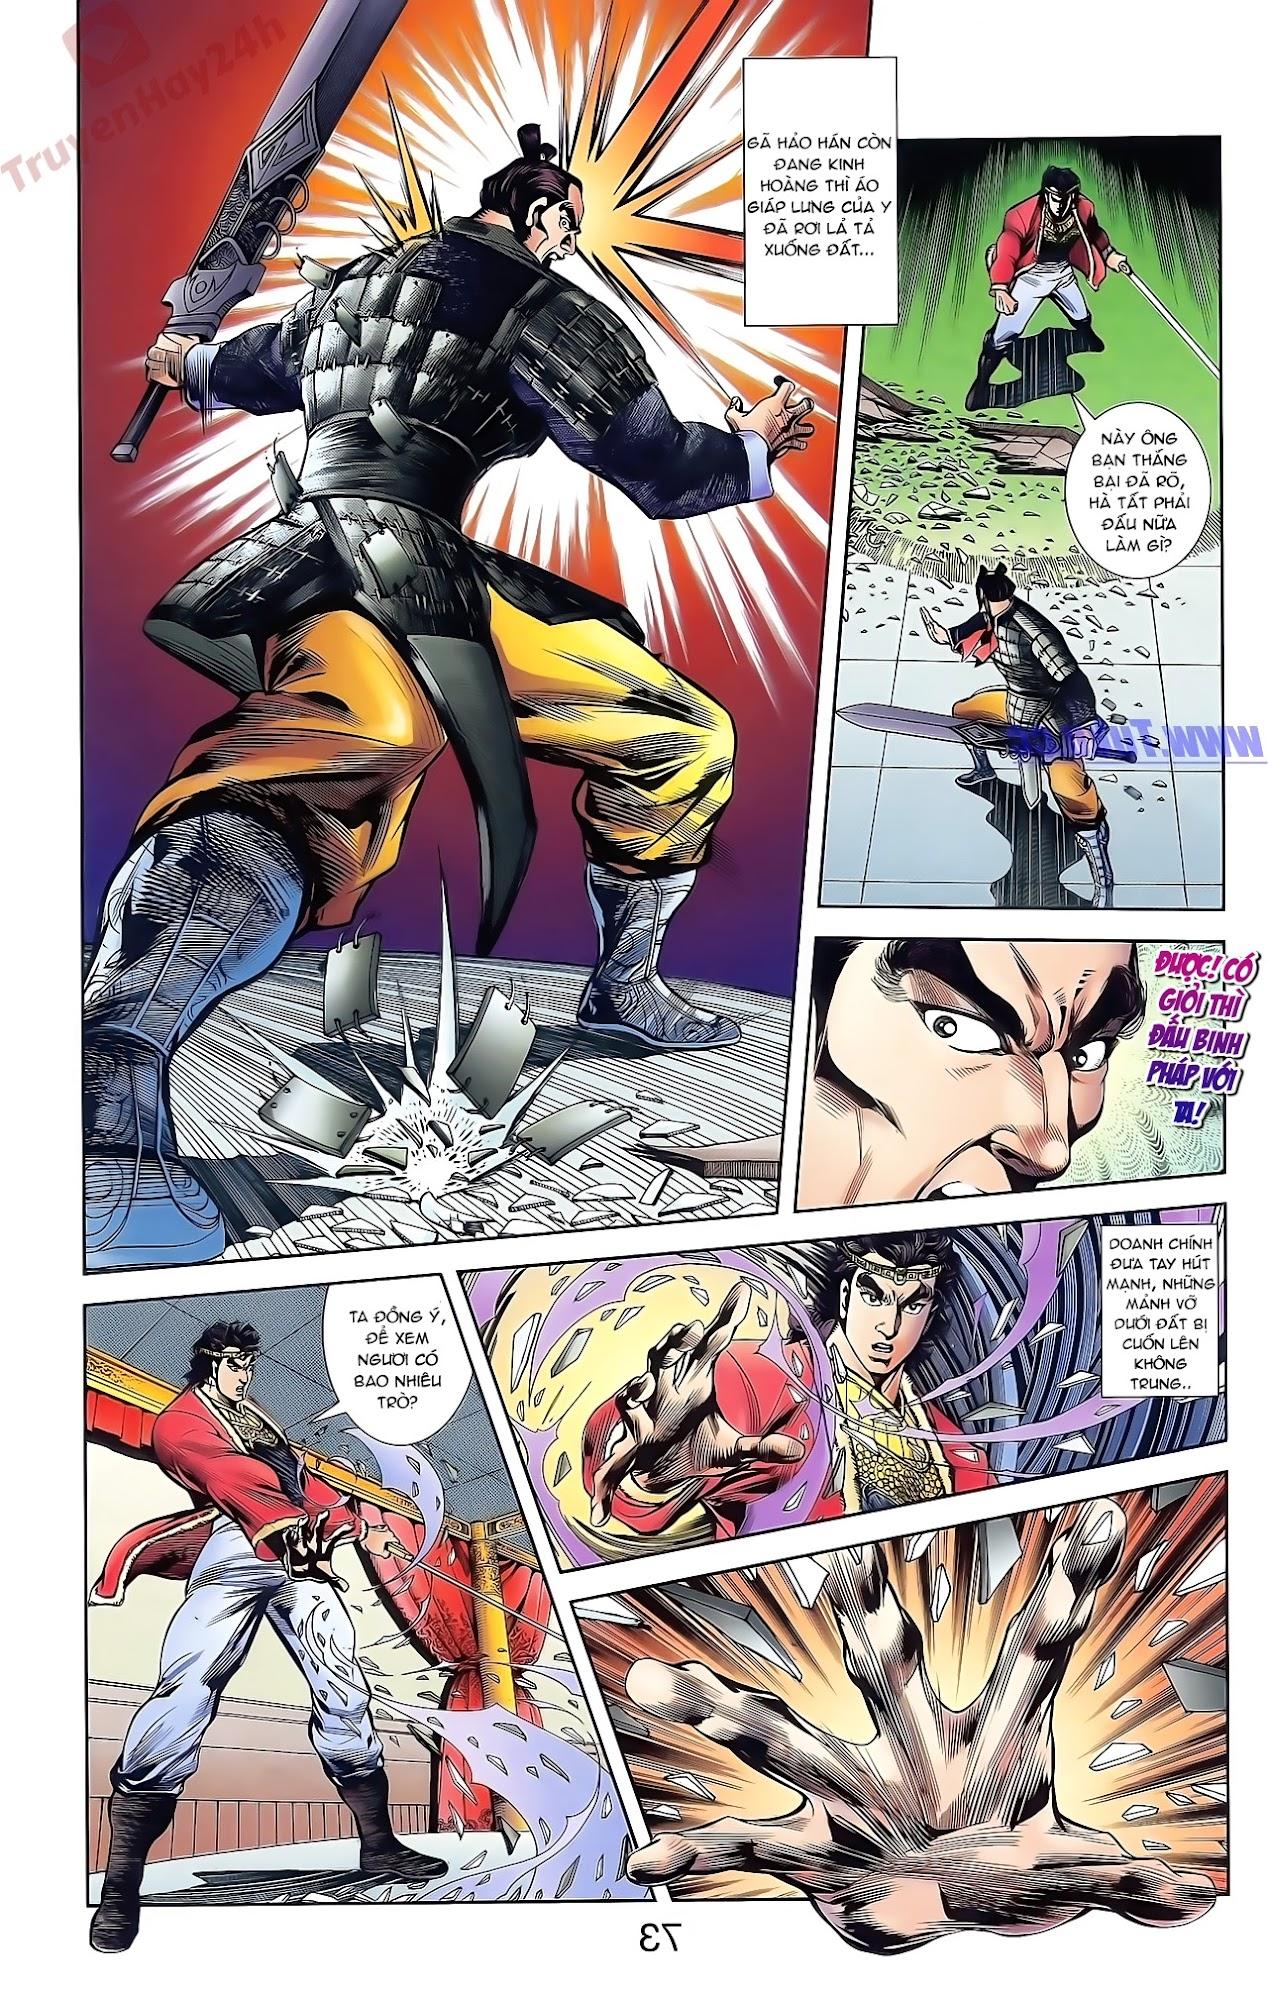 Tần Vương Doanh Chính chapter 42 trang 7